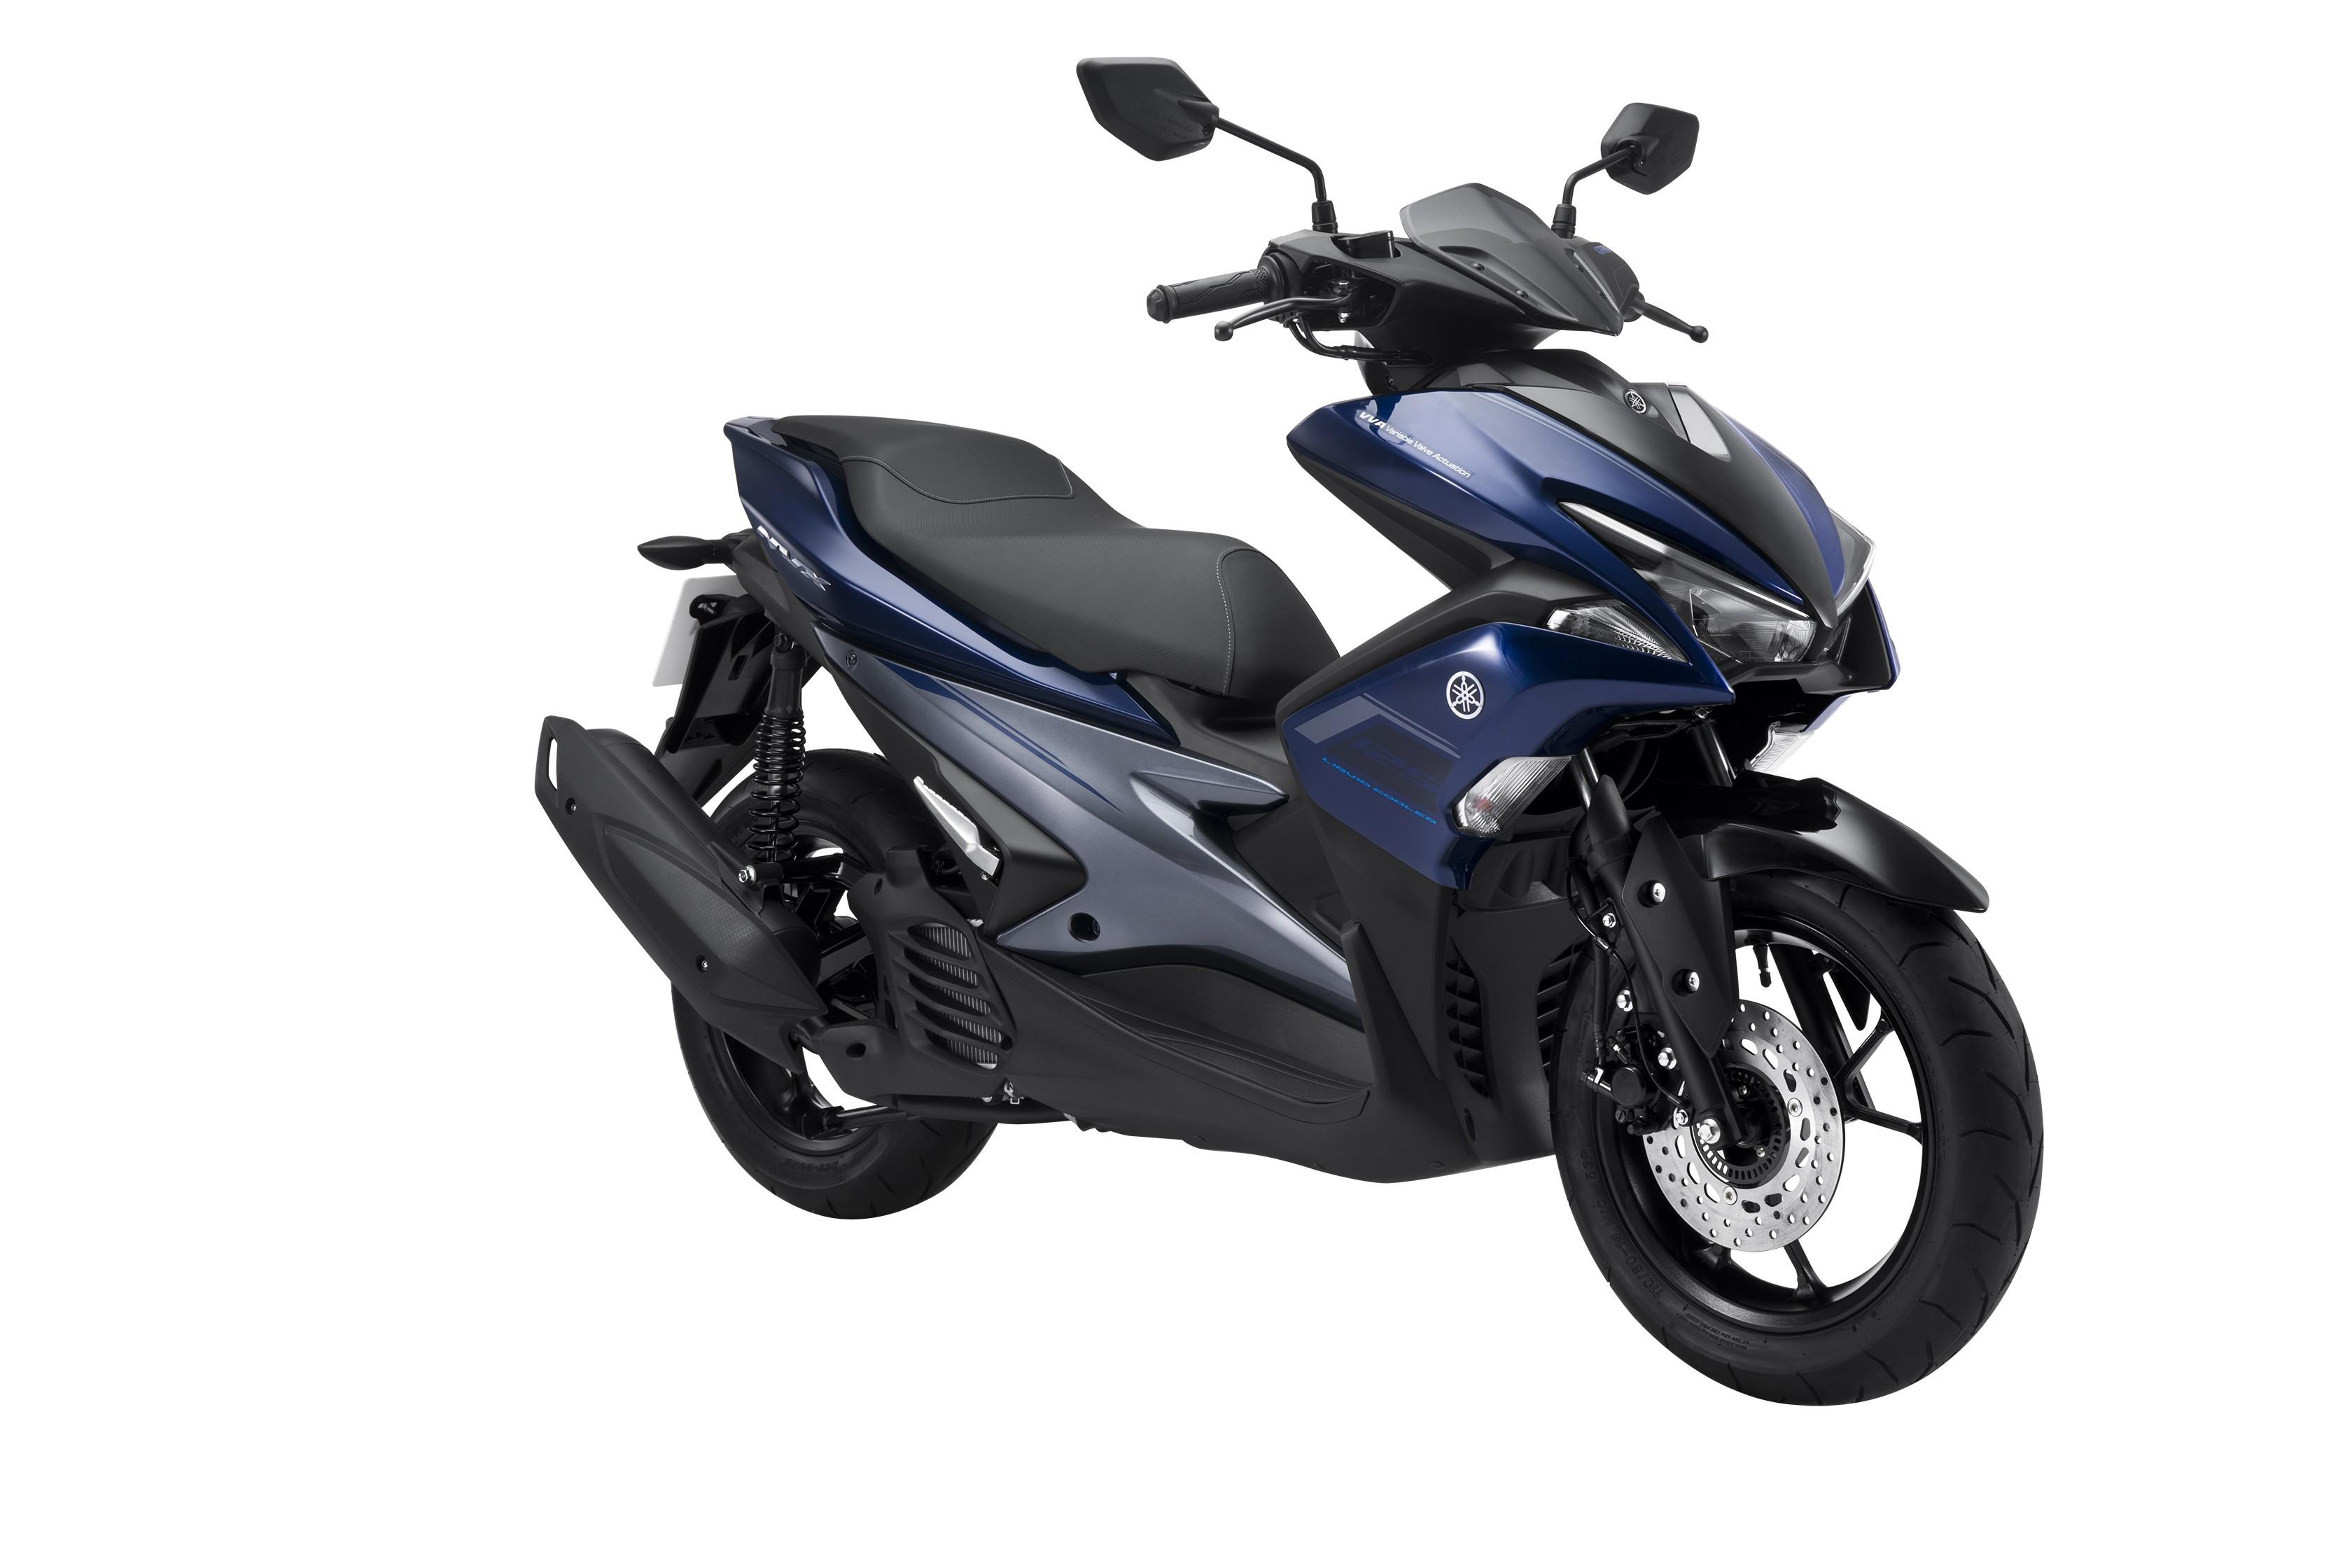 Yamaha NVX 125 Deluxe màu Xanh Xám Đen